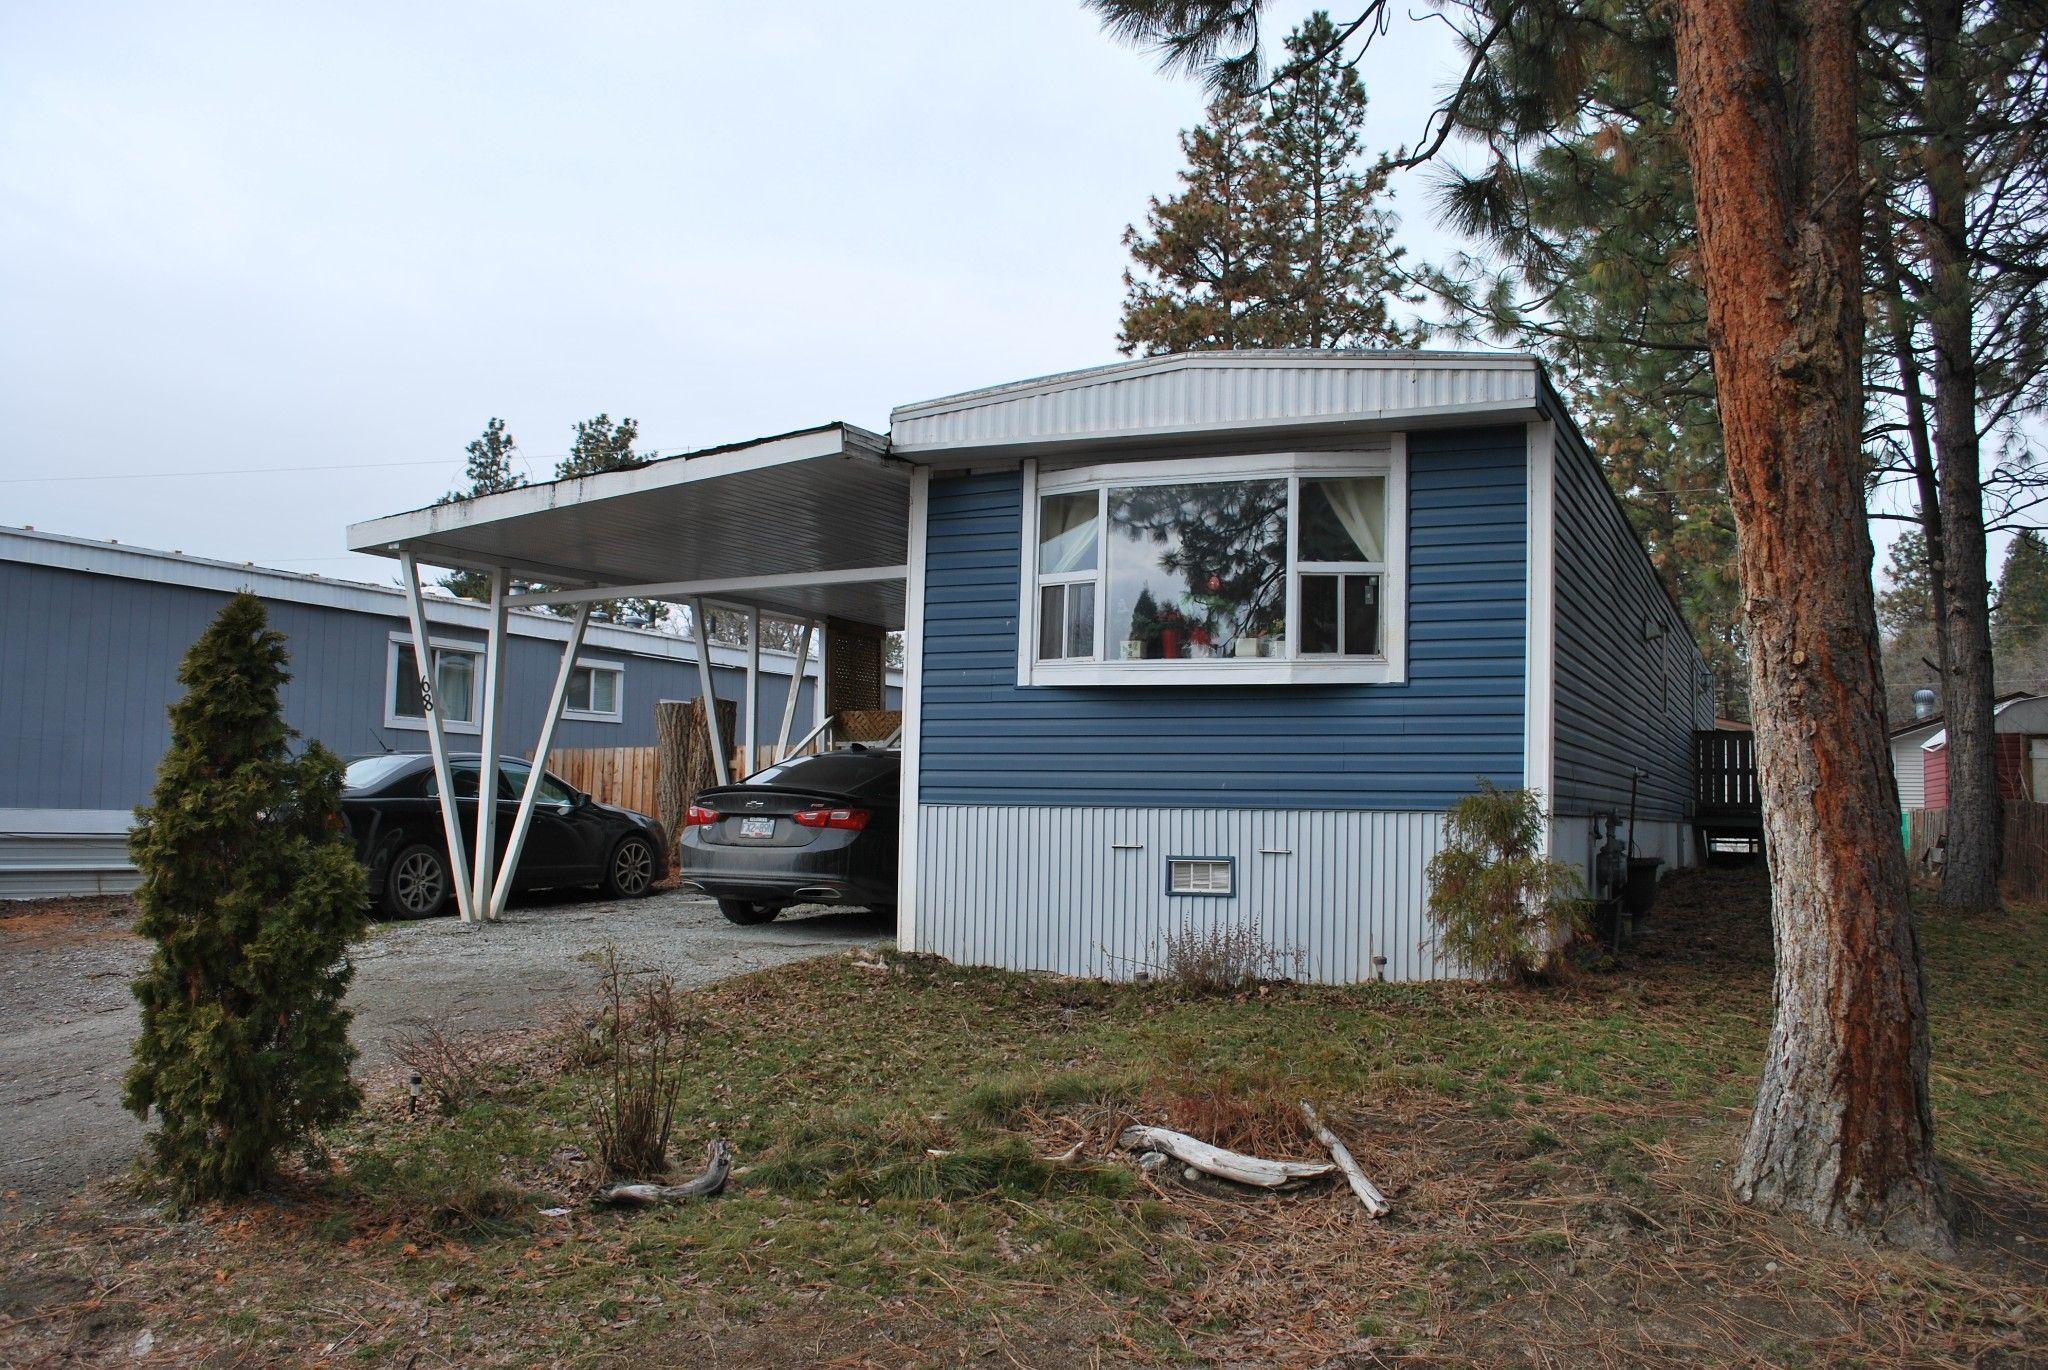 Main Photo: 68 1860 Boucherie Road in W Kelowna: House for sale : MLS®# 10223659